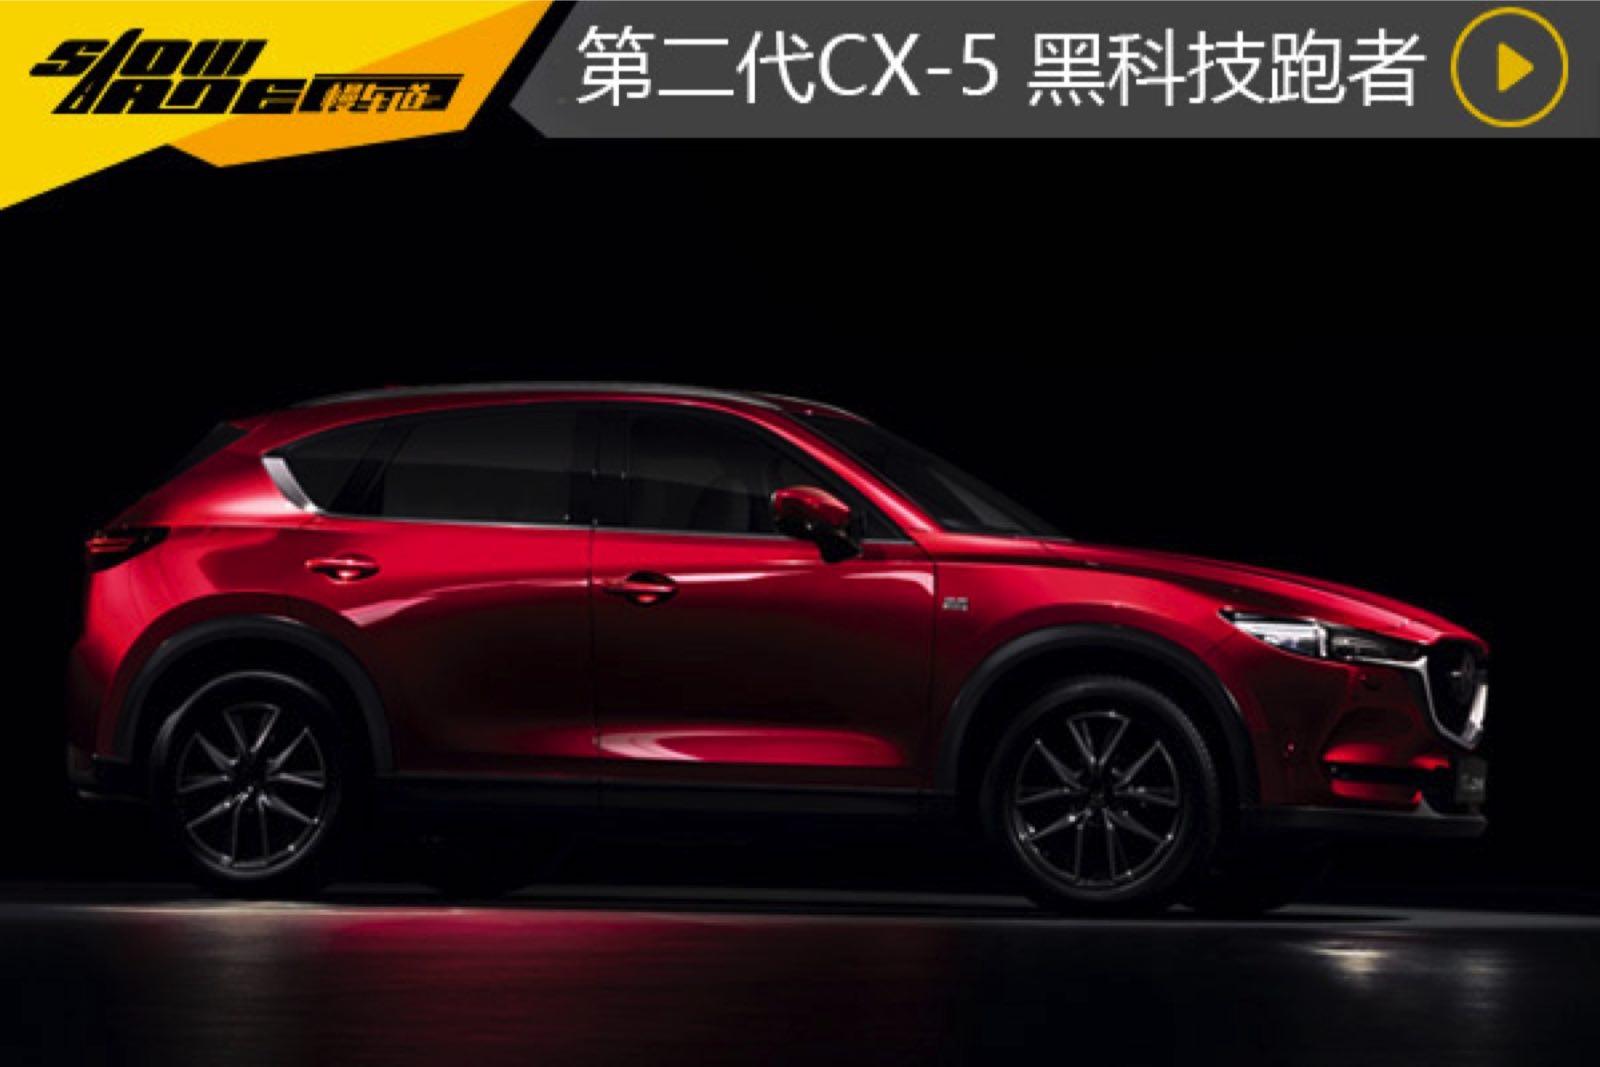 第二代 Mazda CX-5 黑科技跑者